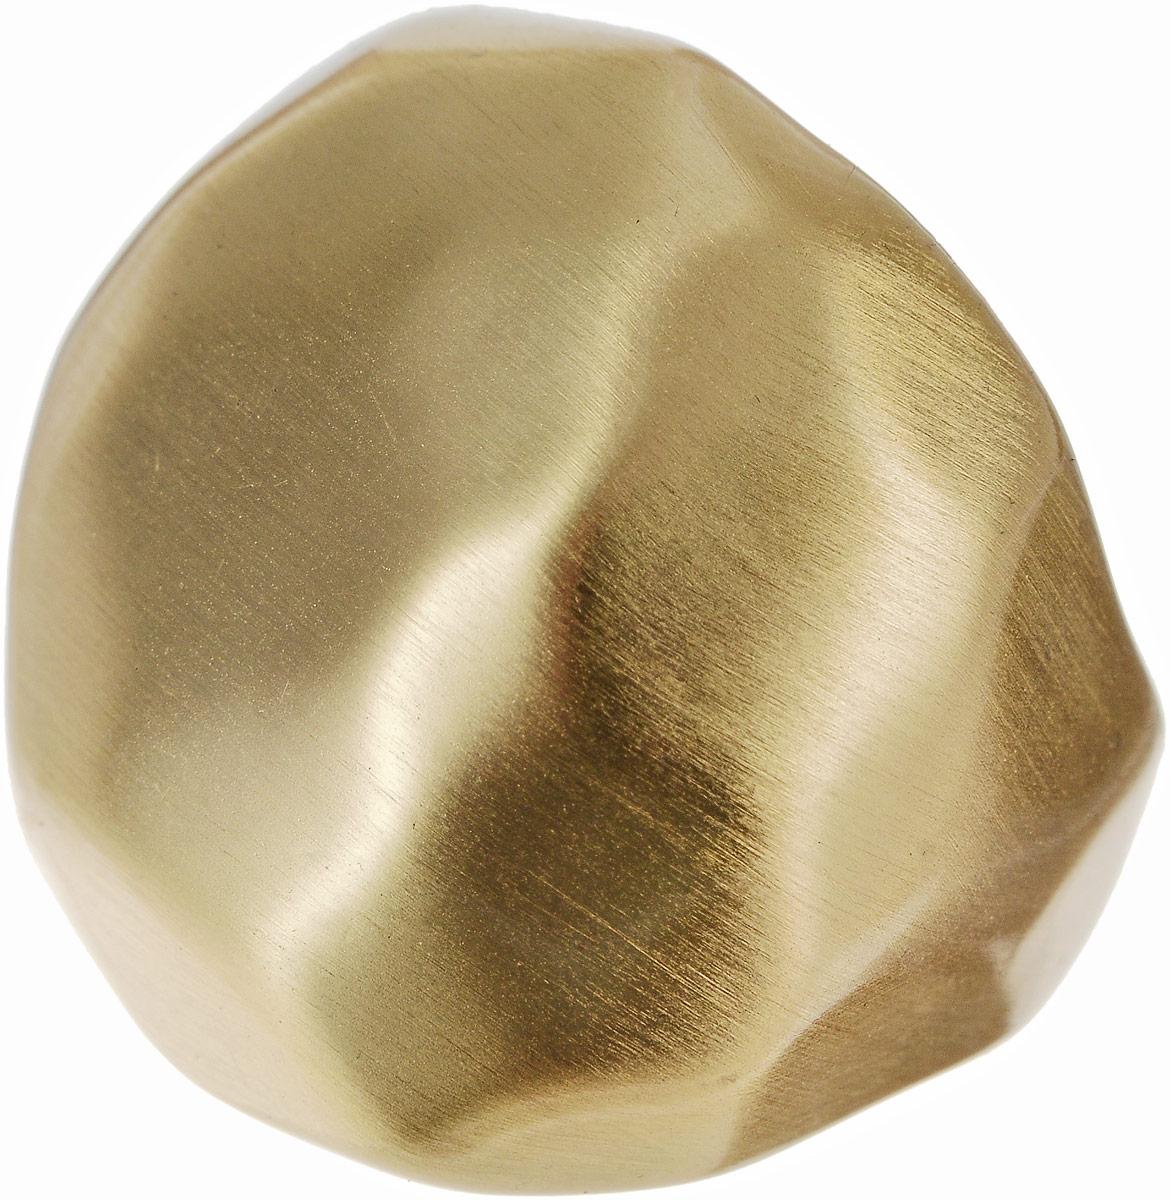 Кольцо Art-Silver, цвет: золотой. М0735-473. Размер 17Коктейльное кольцоОригинальное кольцо Art-Silver выполнено из бижутерного сплава с гальваническим покрытием.Элегантное кольцо Art-Silver превосходно дополнит ваш образ и подчеркнет отменное чувство стиля своей обладательницы.